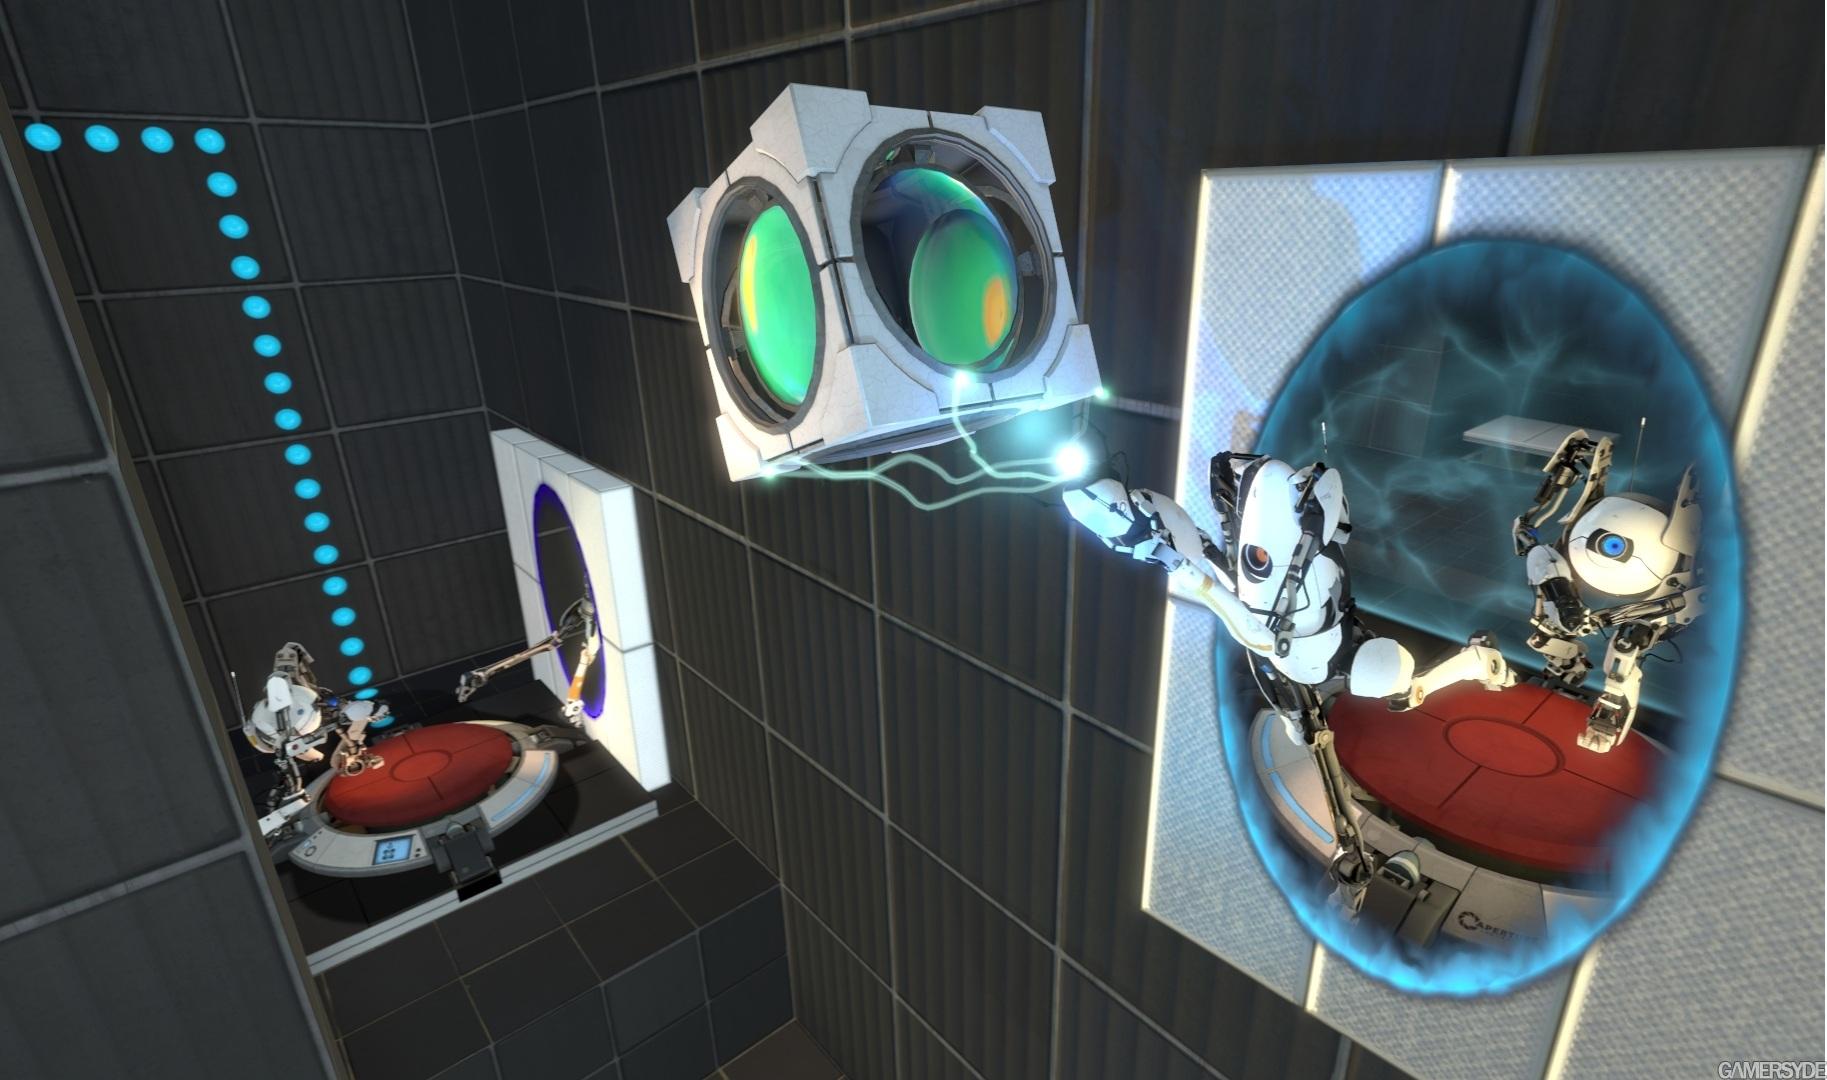 http://images.gamersyde.com/image_portal_2-14455-2070_0002.jpg